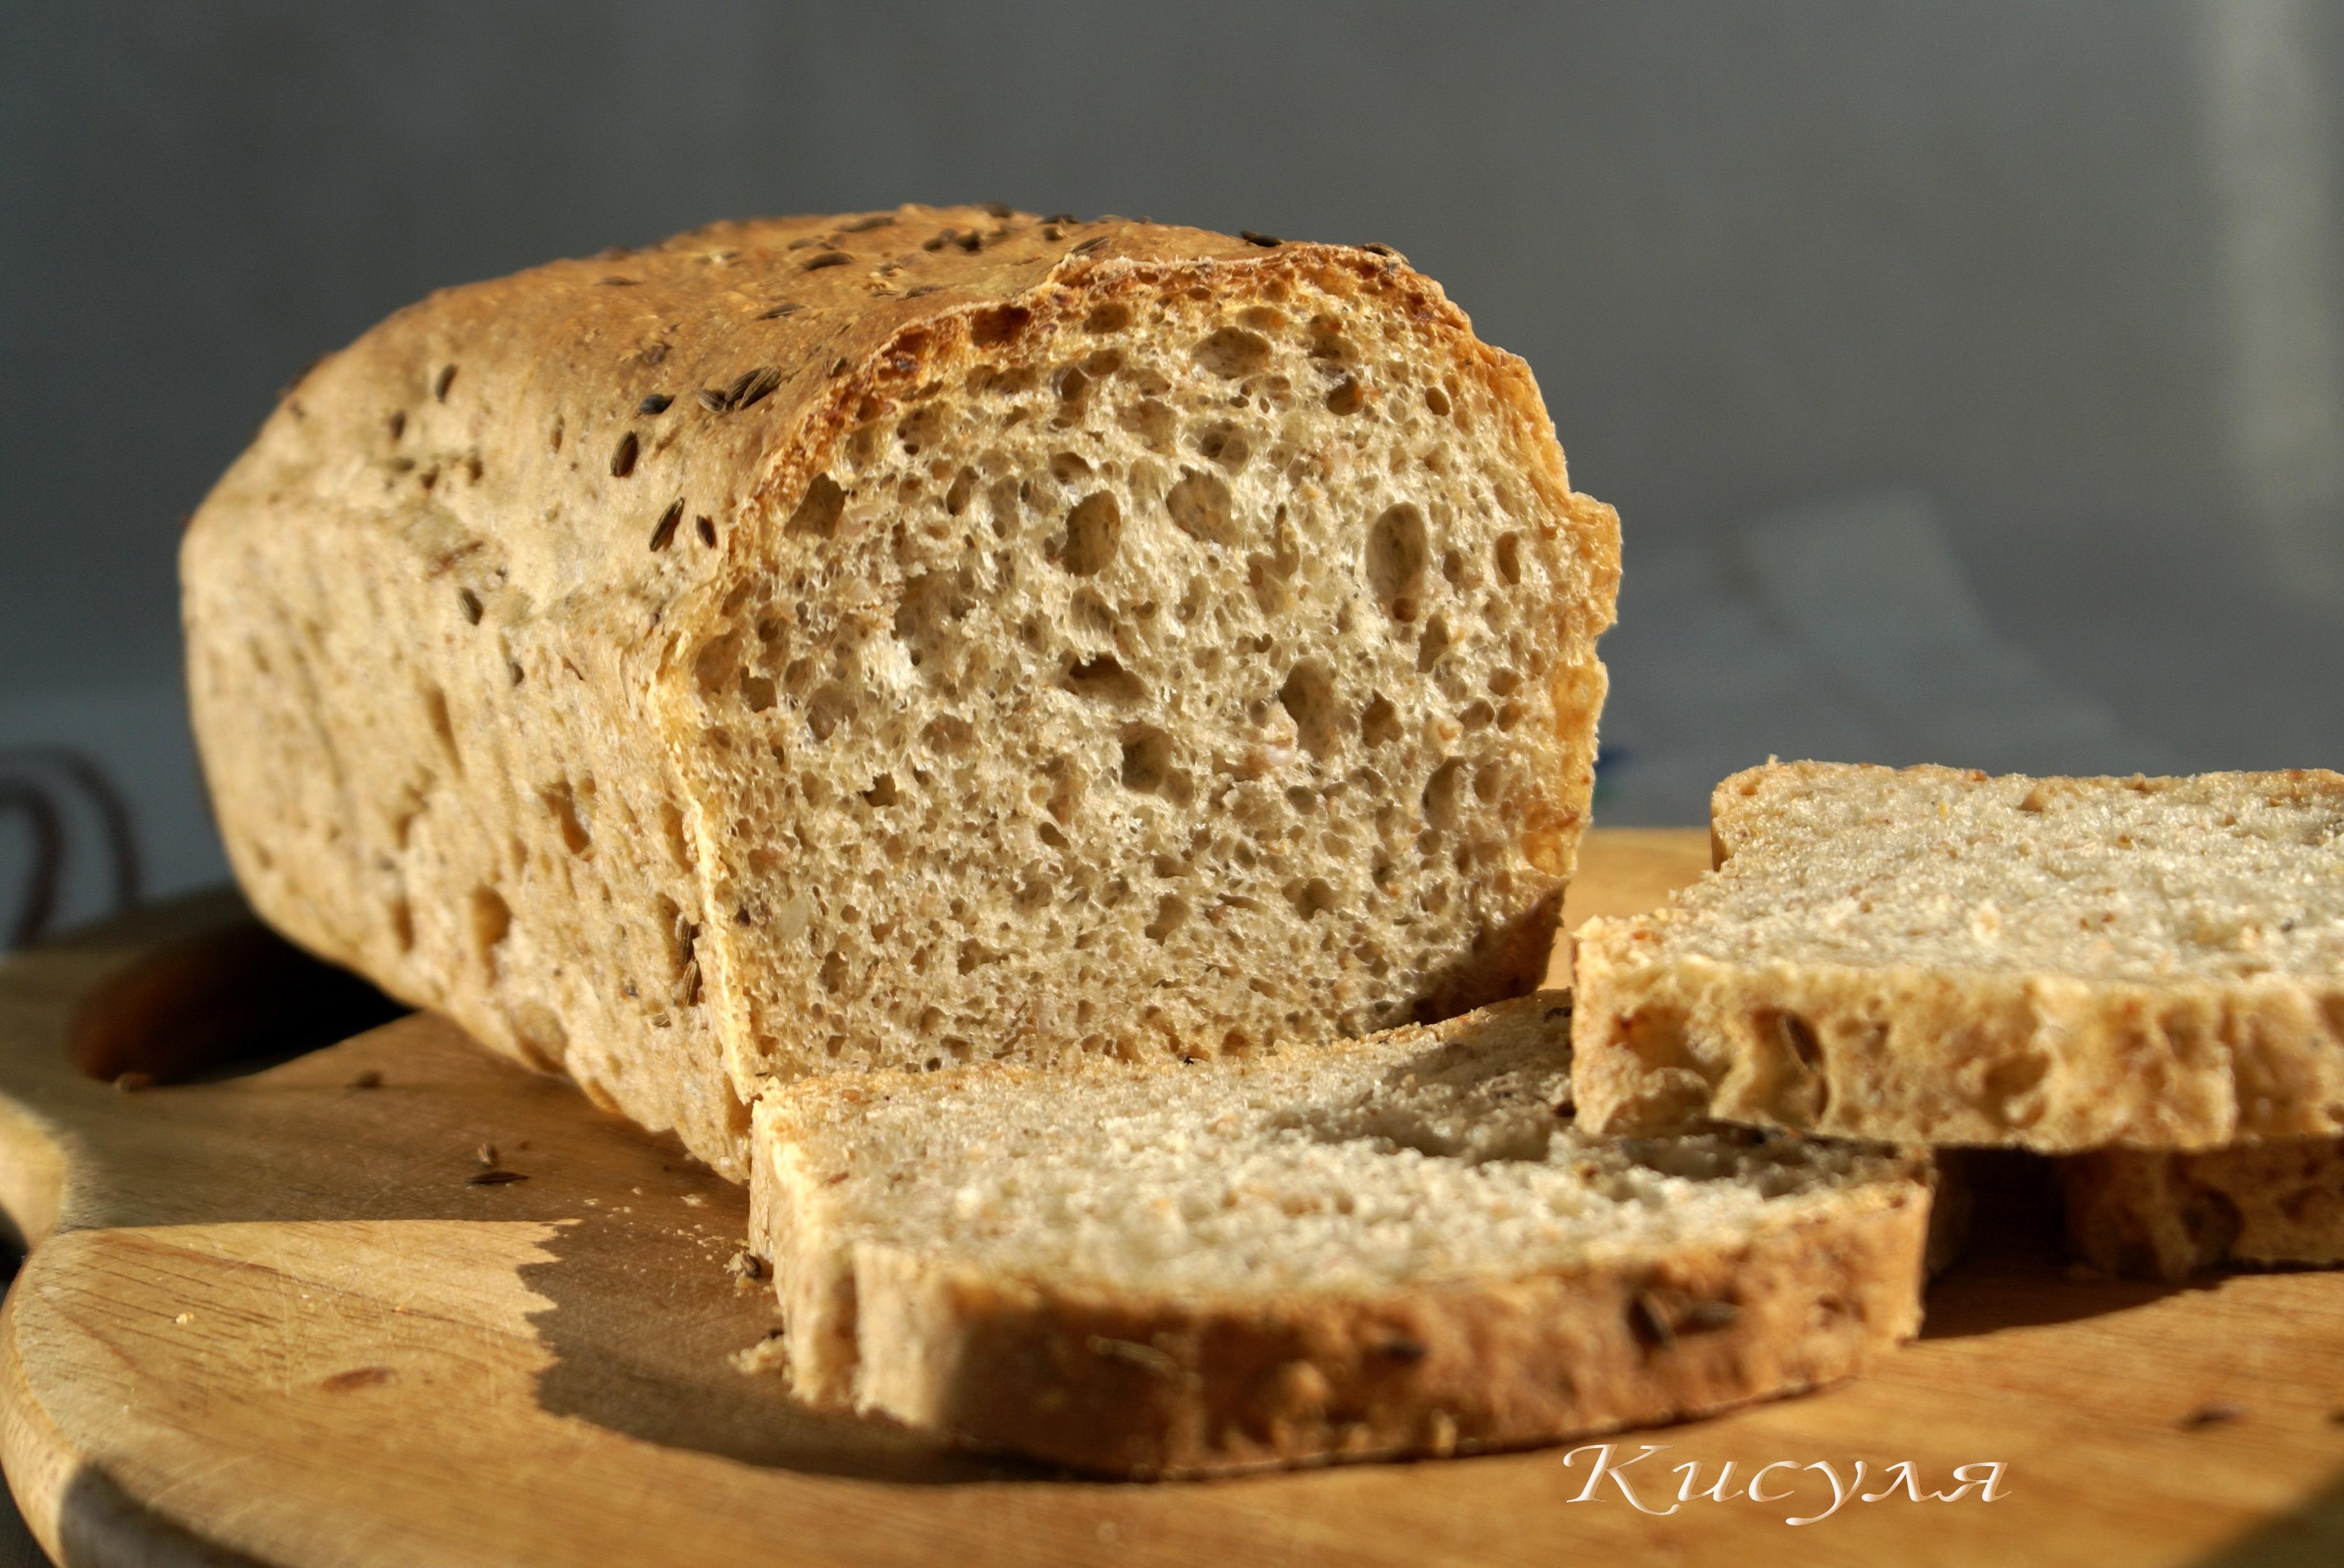 хлеб в качестве наживки